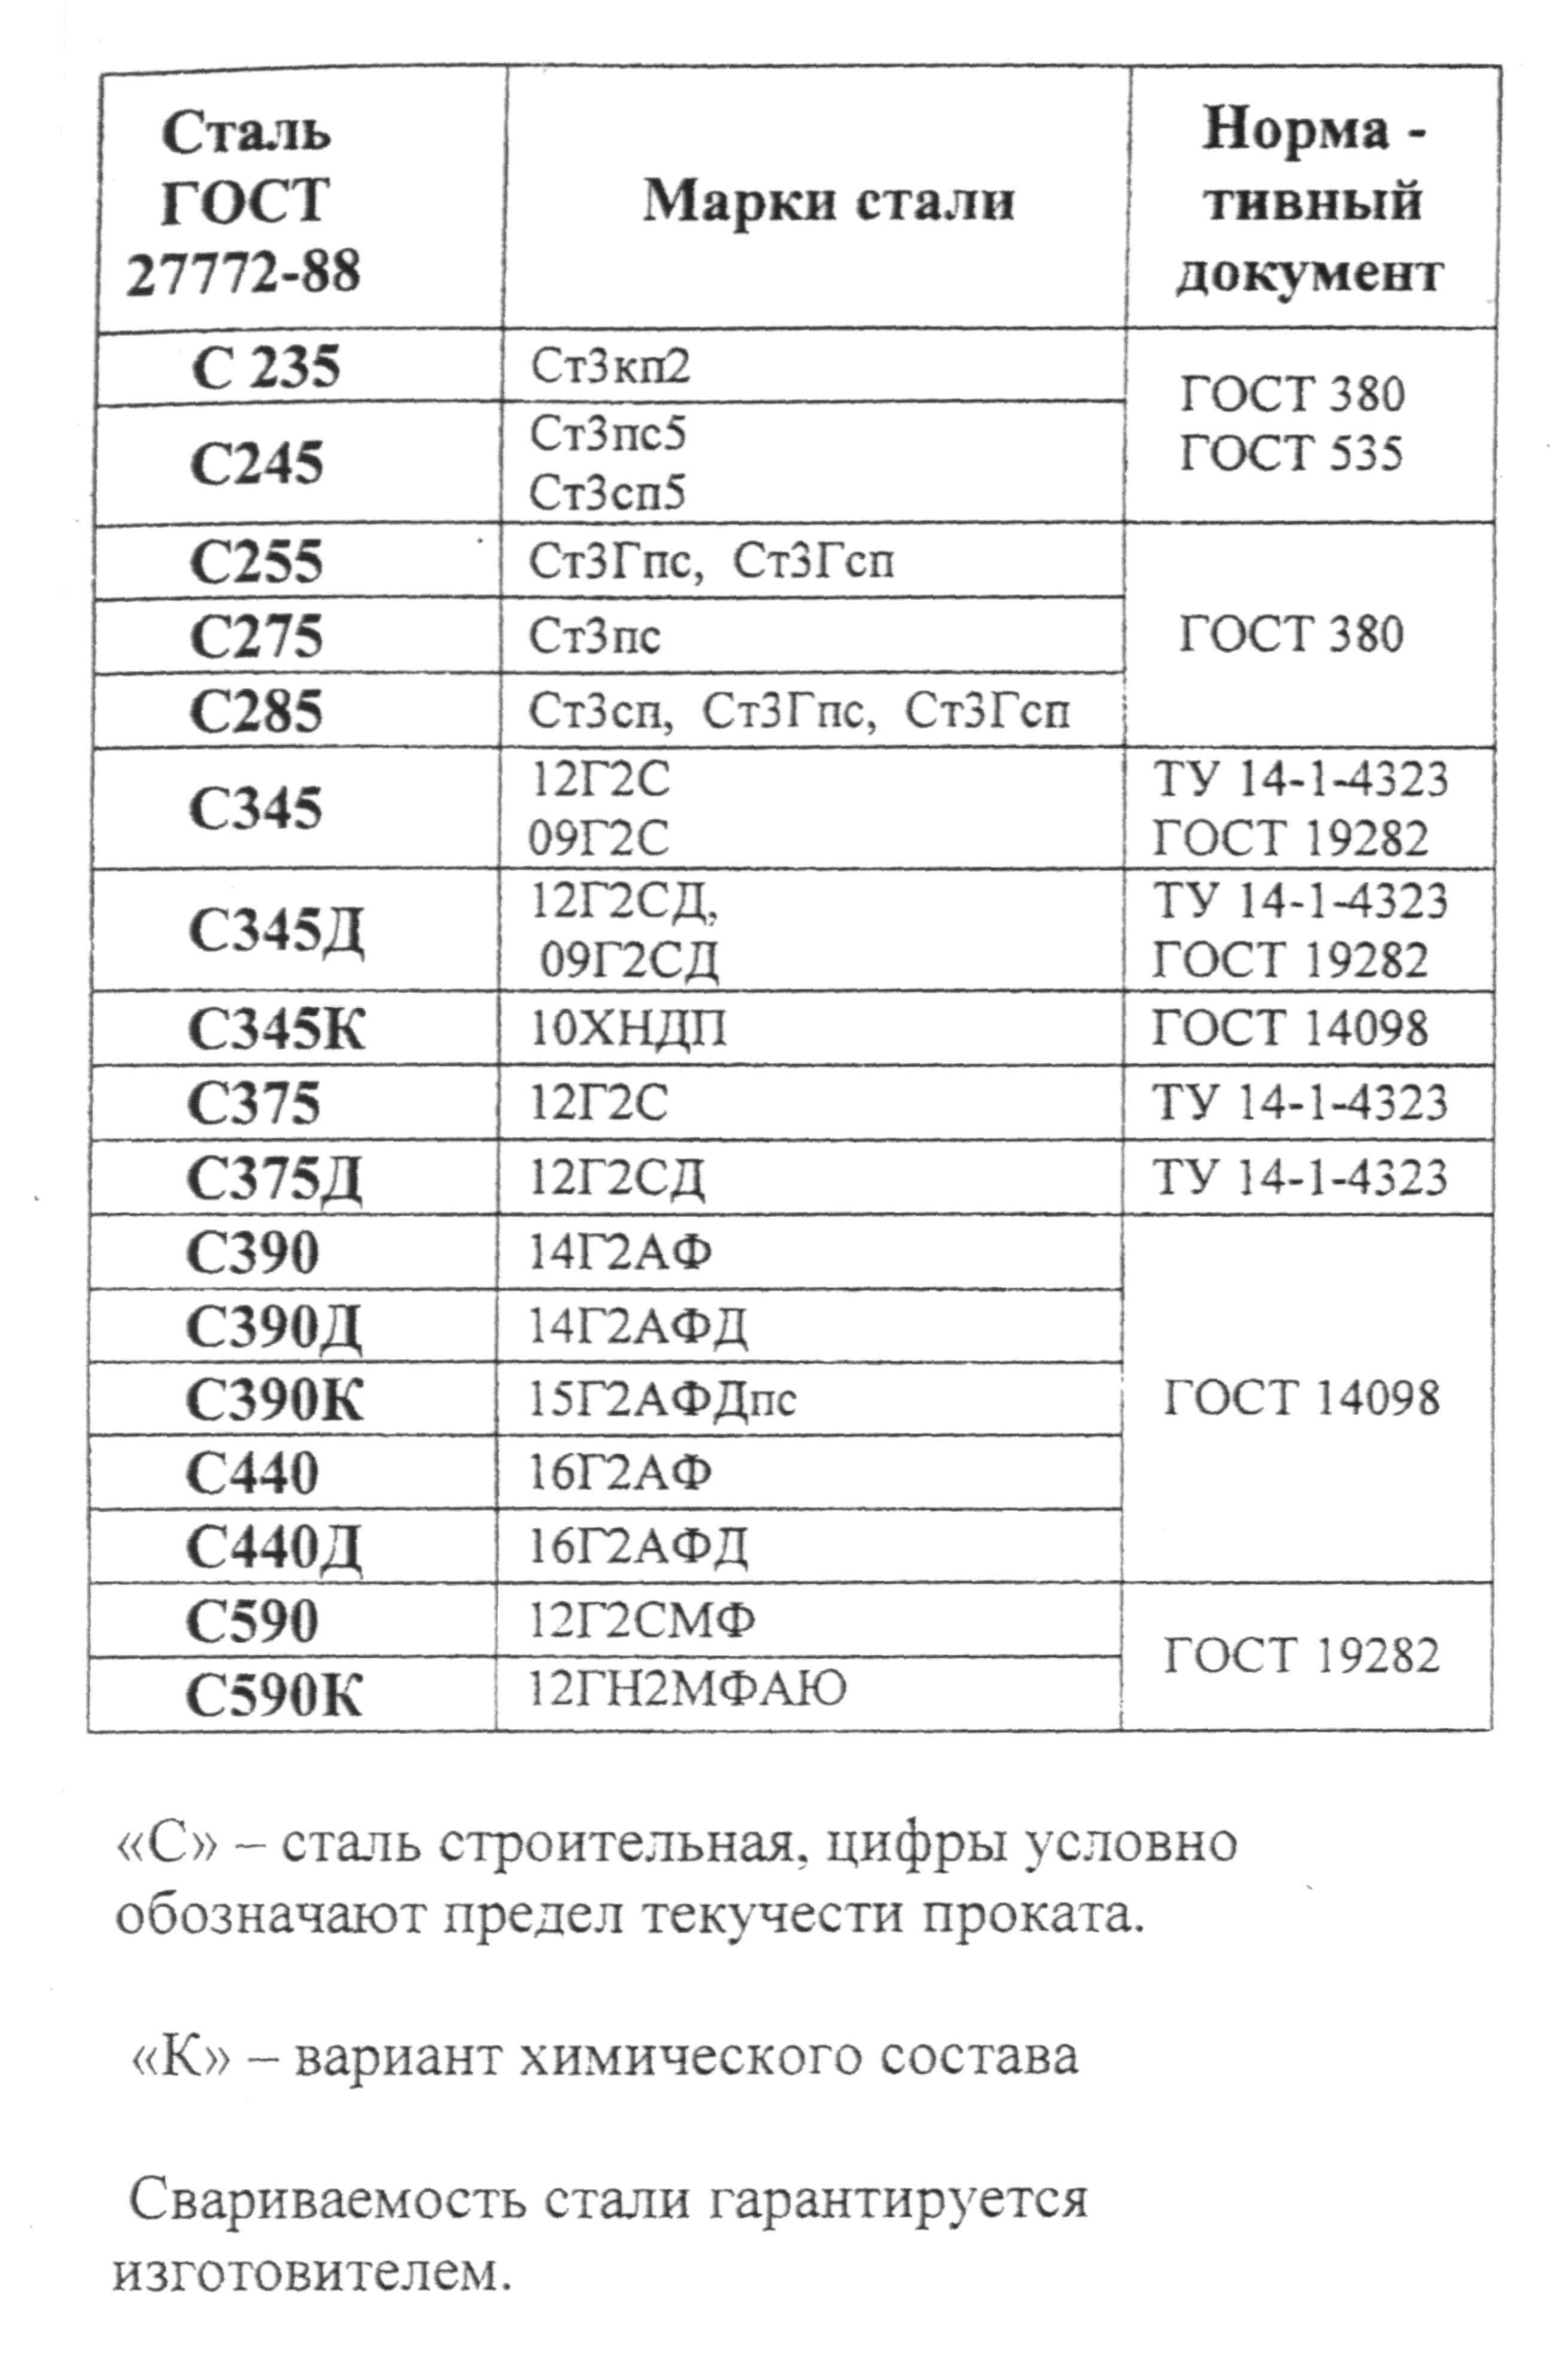 С255 марка стали аналог ст3 - морской флот